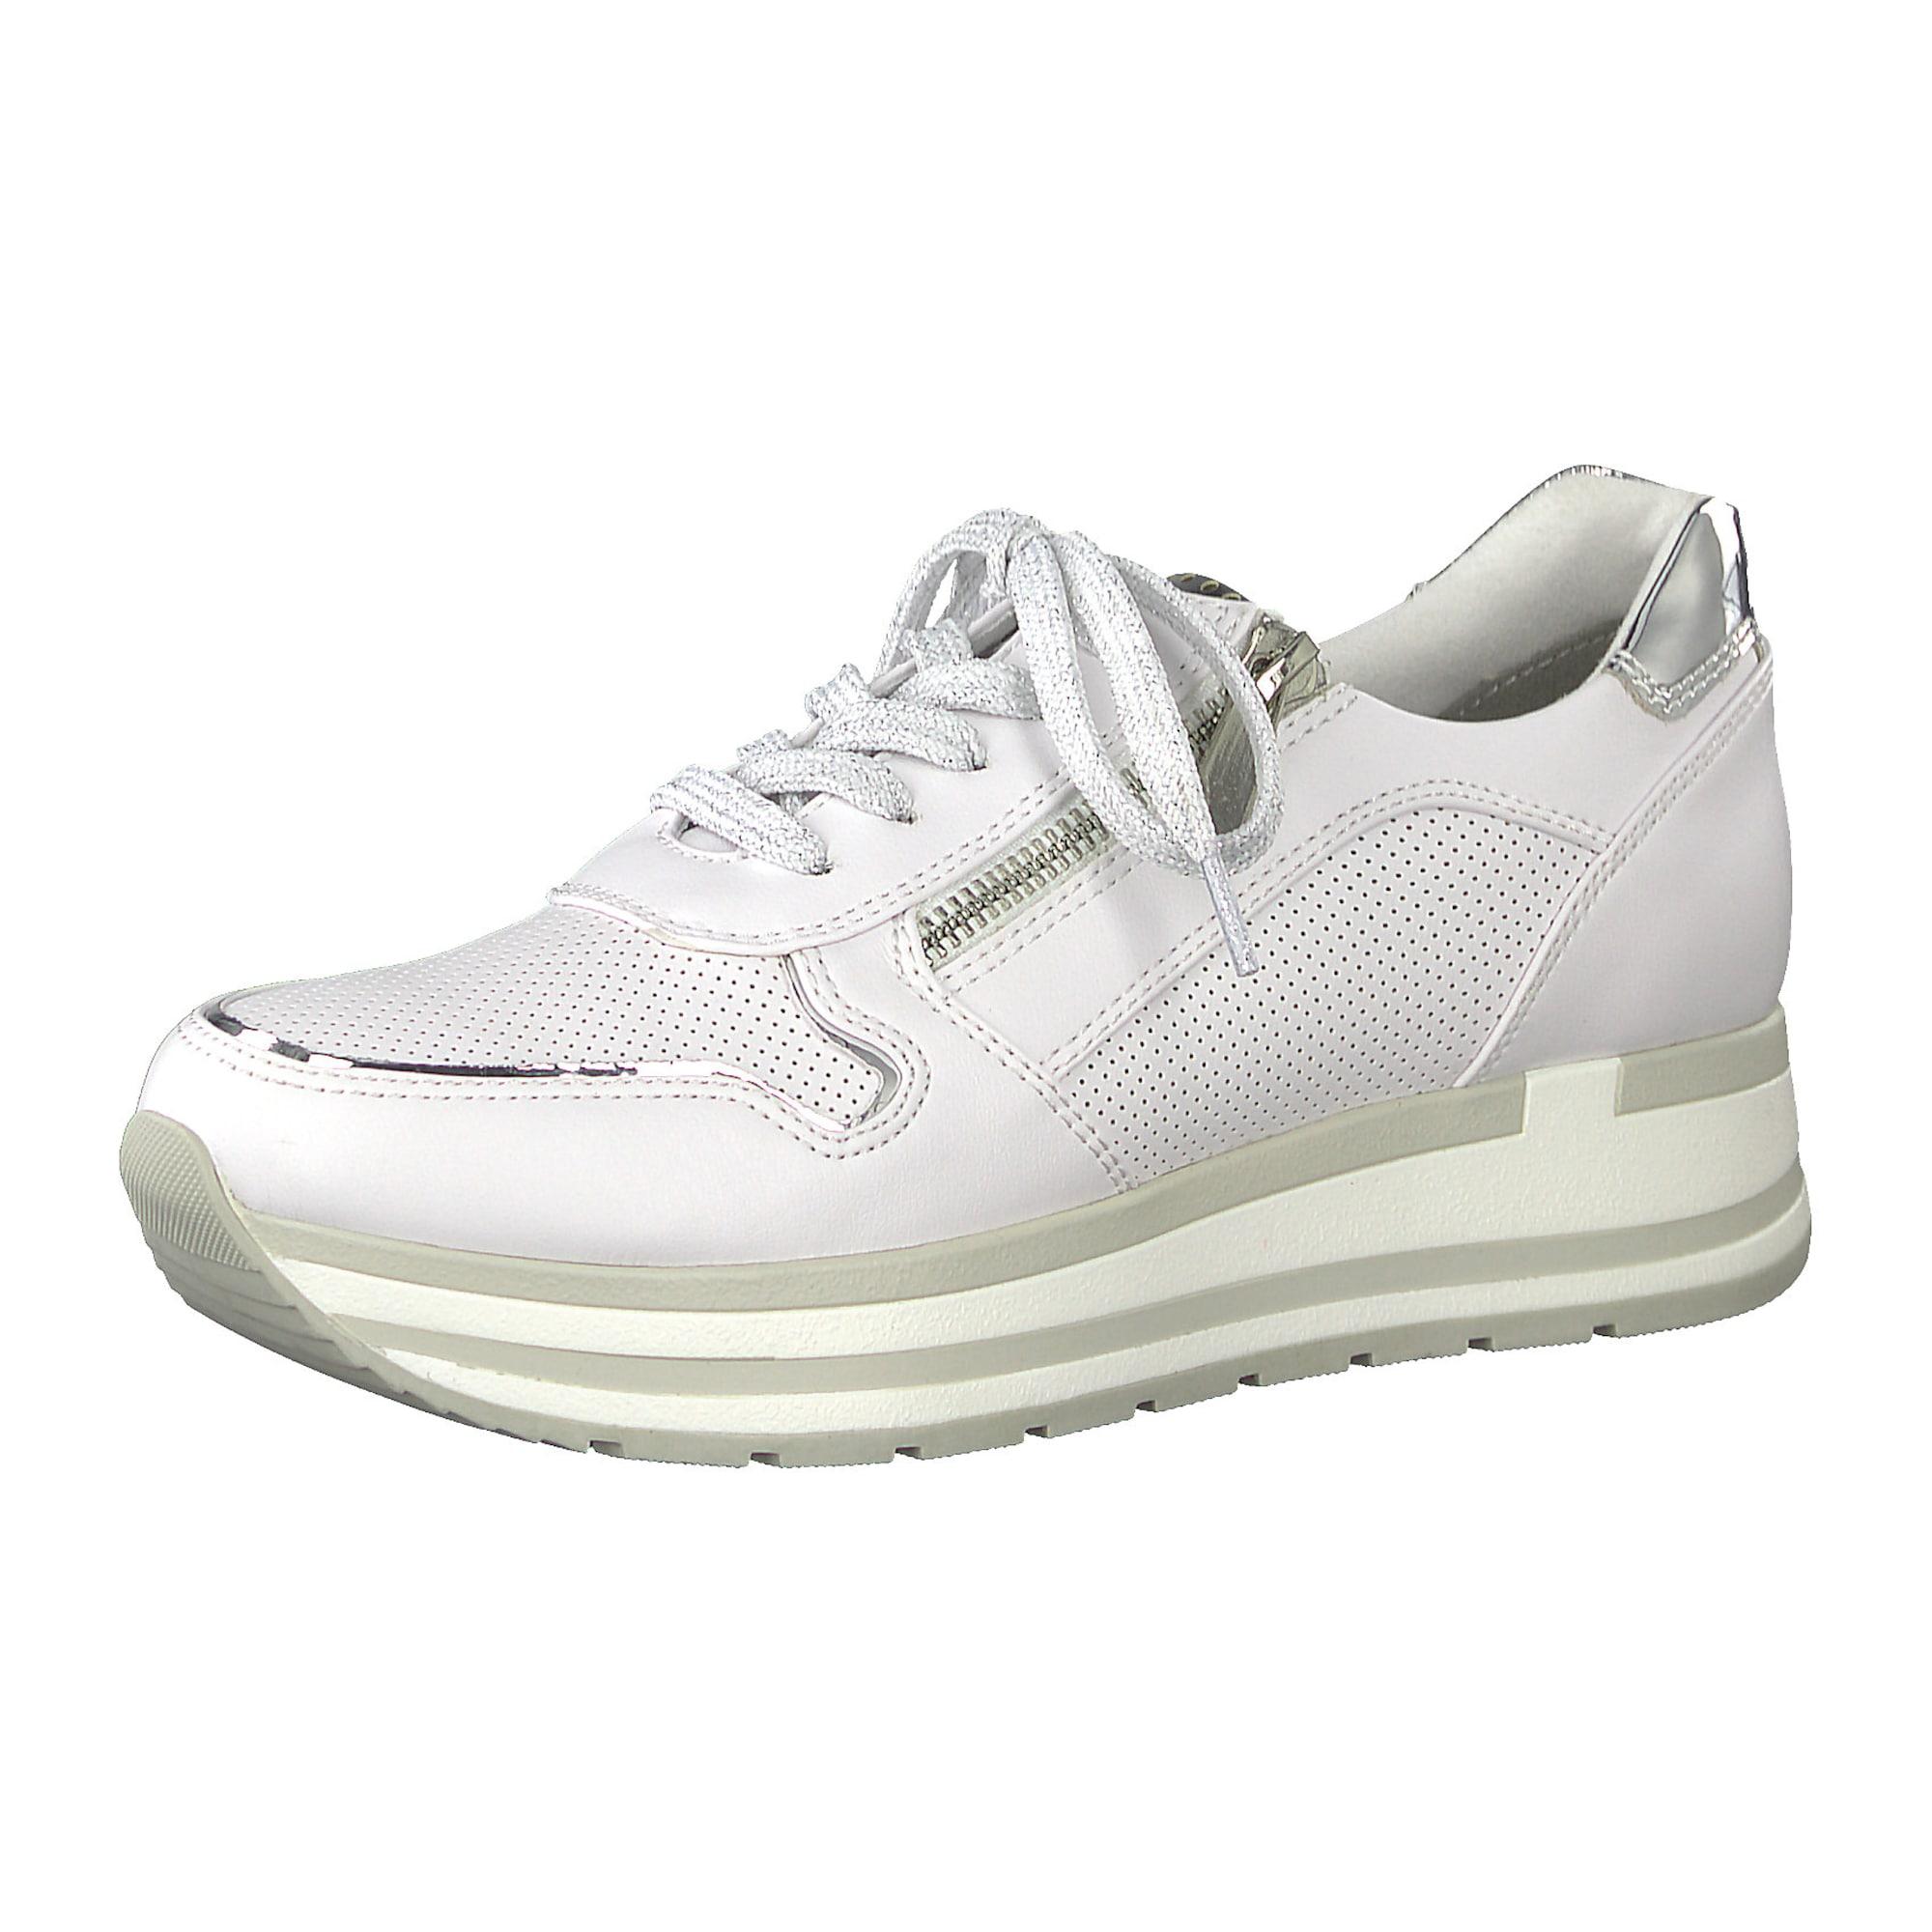 Tenisky stříbrná bílá MARCO TOZZI